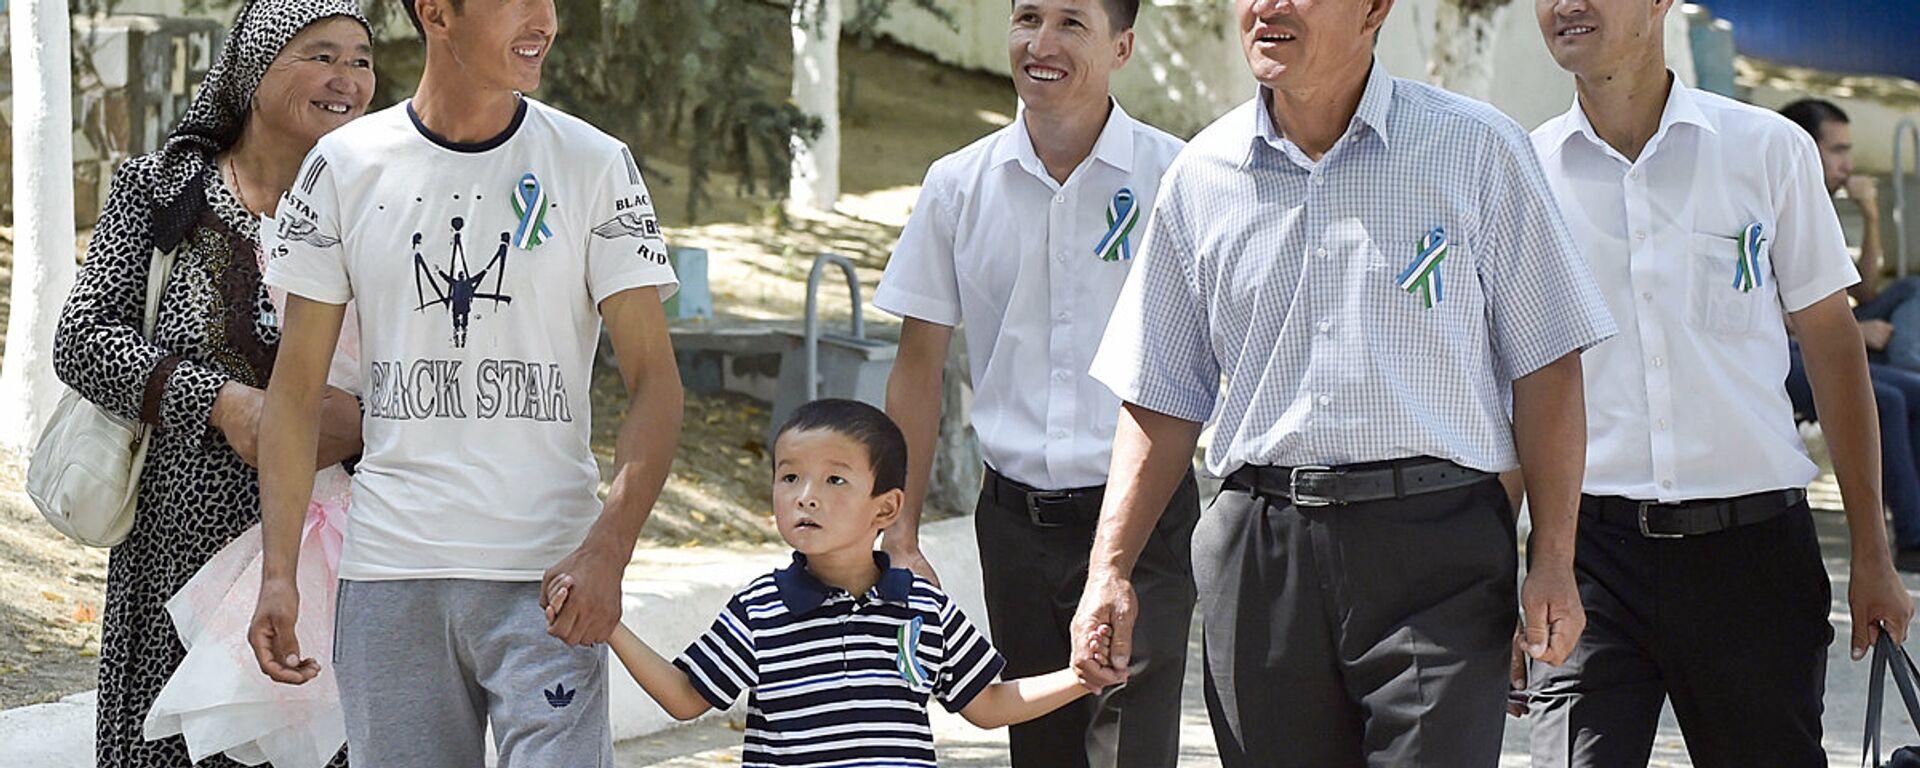 Узбекская семья прогуливается по парку во время празднования Дня Независимости в Ташкенте - Sputnik Узбекистан, 1920, 13.11.2020